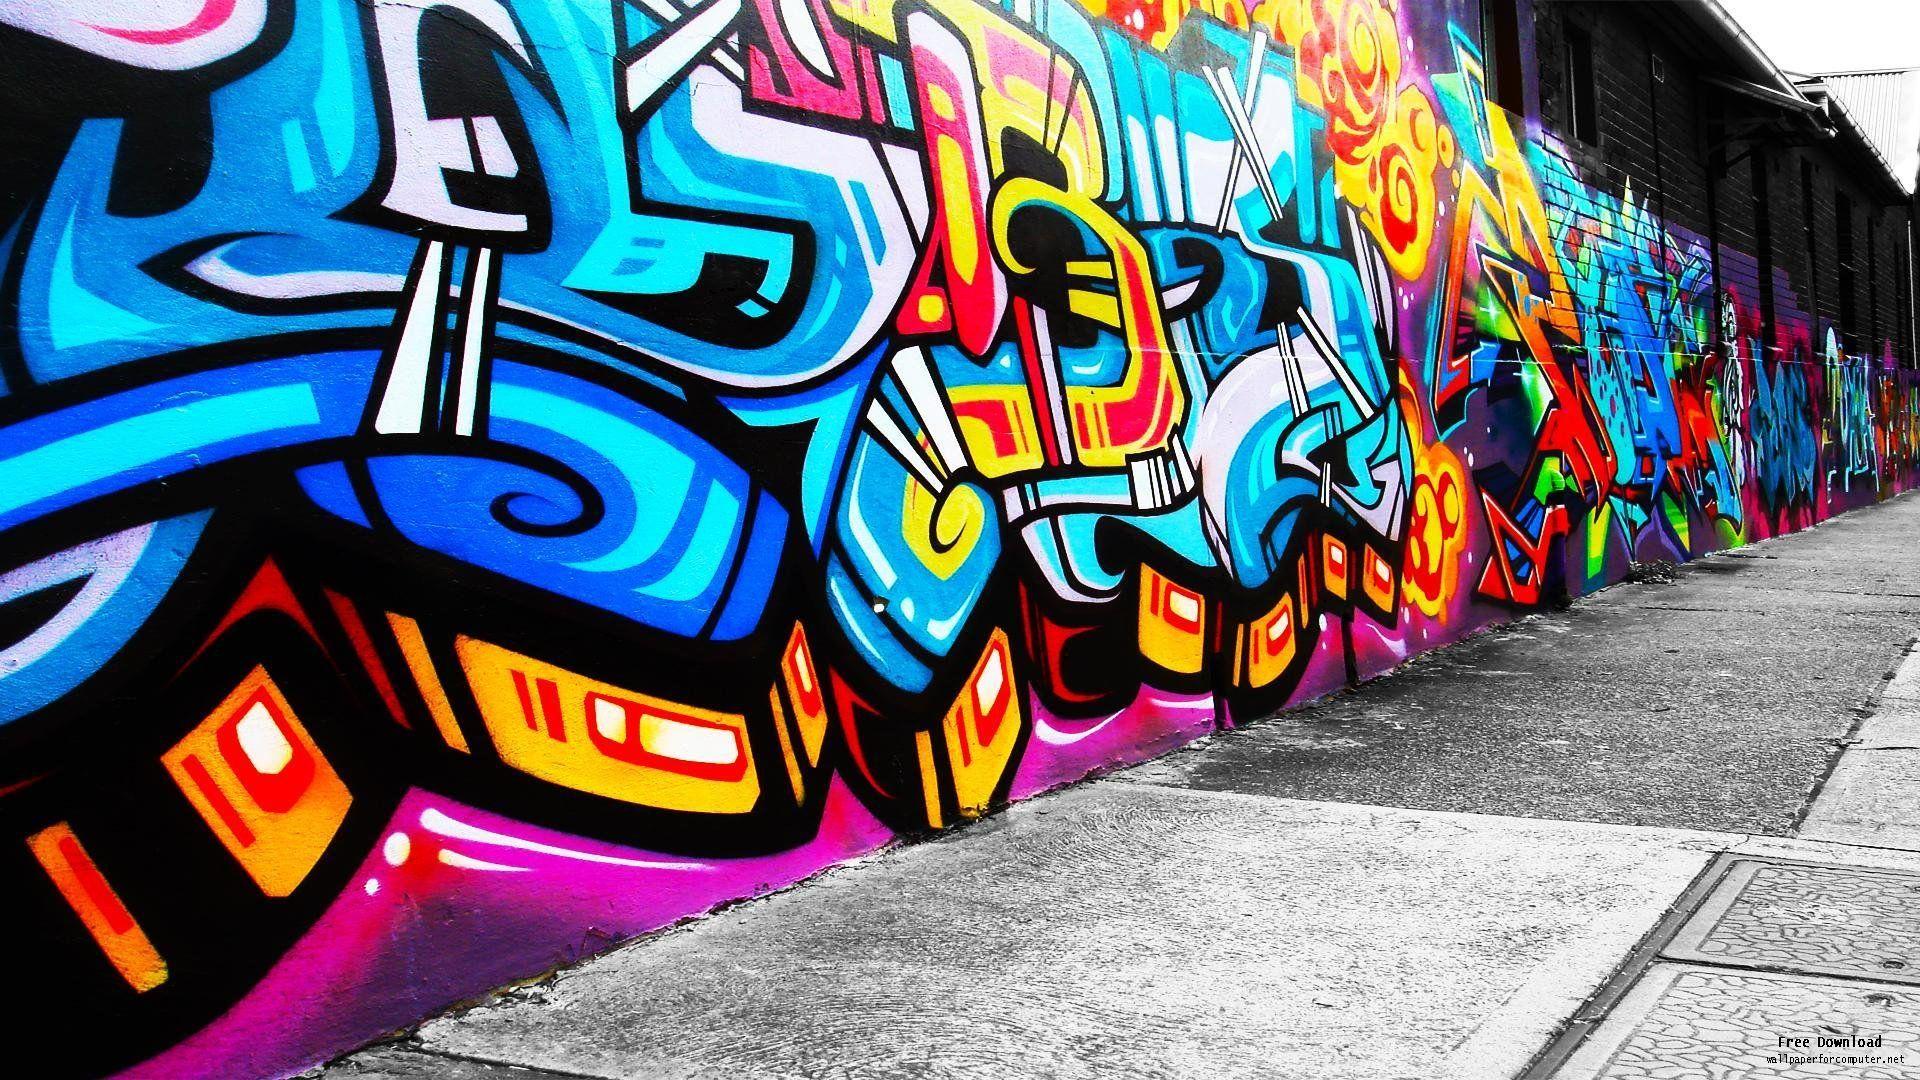 90 S Walls Google Search: Colorful Graffiti - Google Search